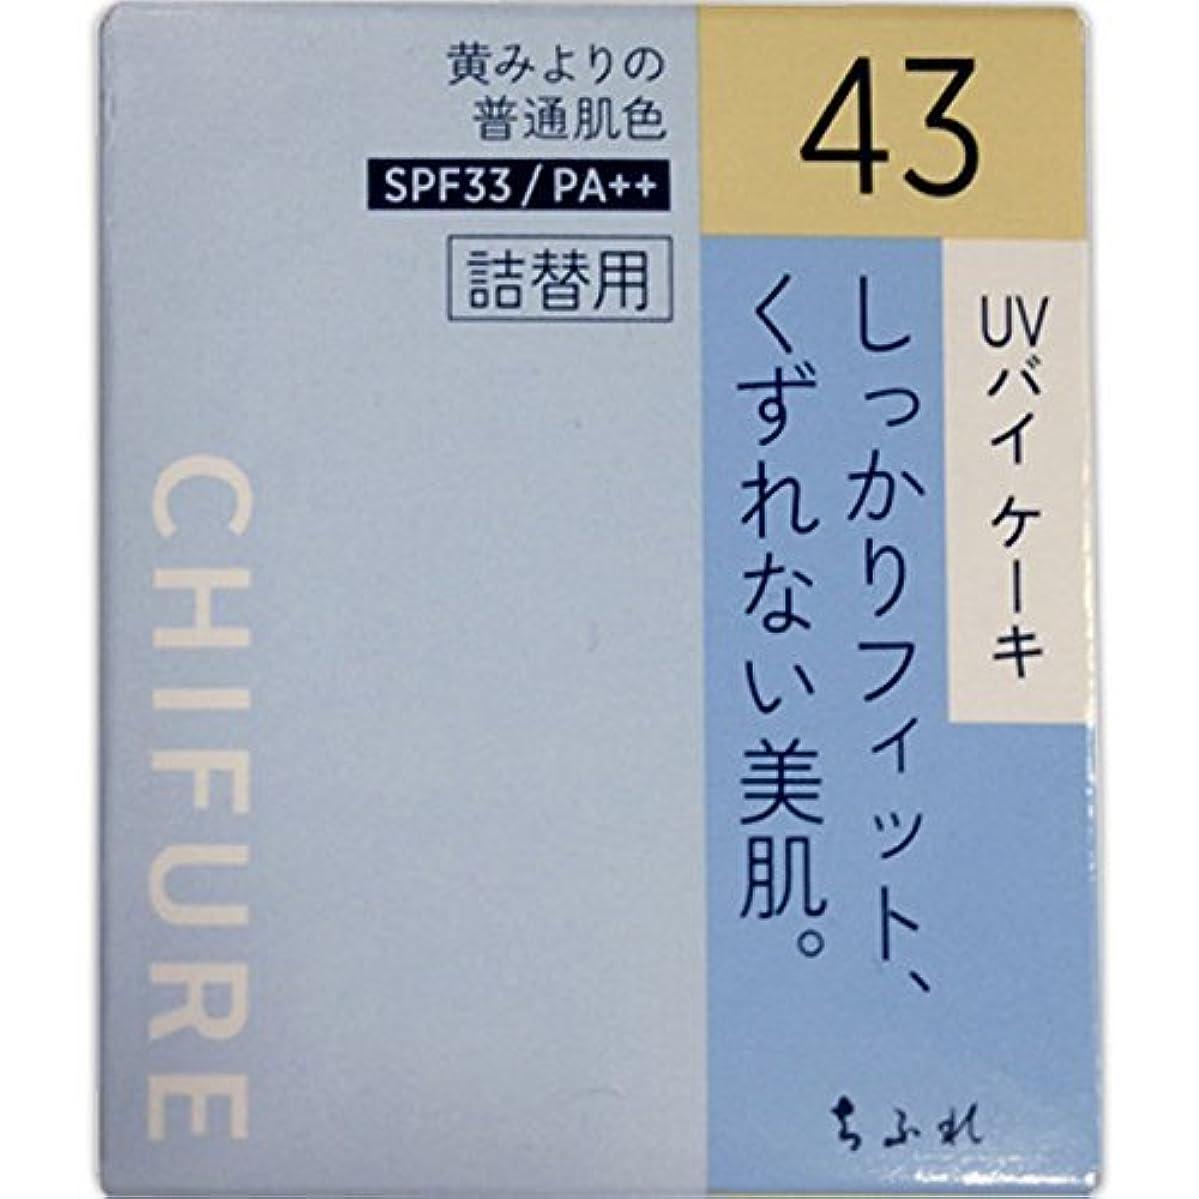 処方するスペインホールちふれ化粧品 UV バイ ケーキ 詰替用 43 黄みよりの普通肌色 43